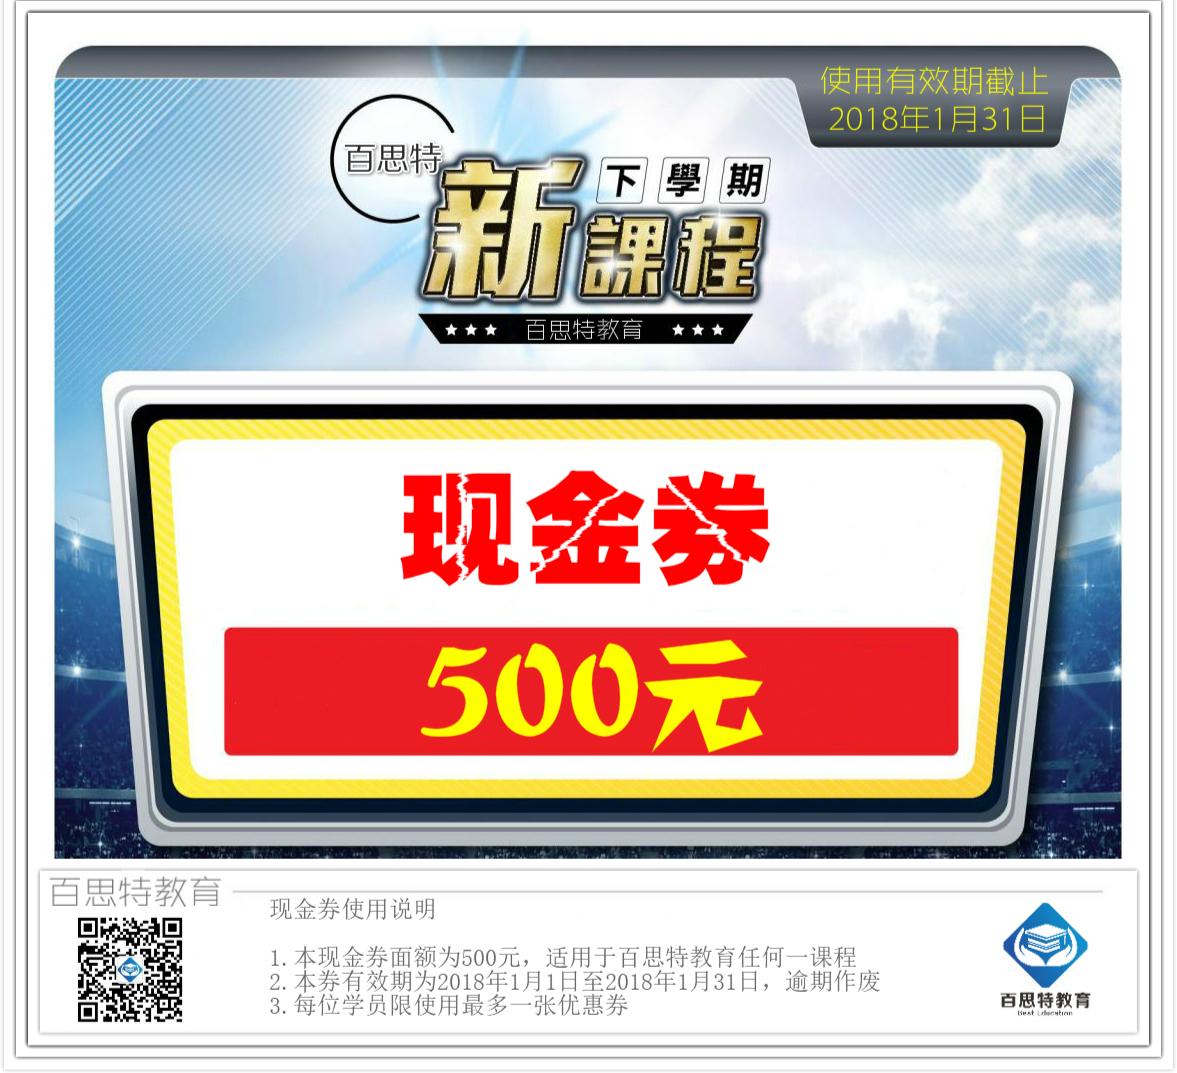 百思特年终钜惠!10元拼团赢取500元现金券!